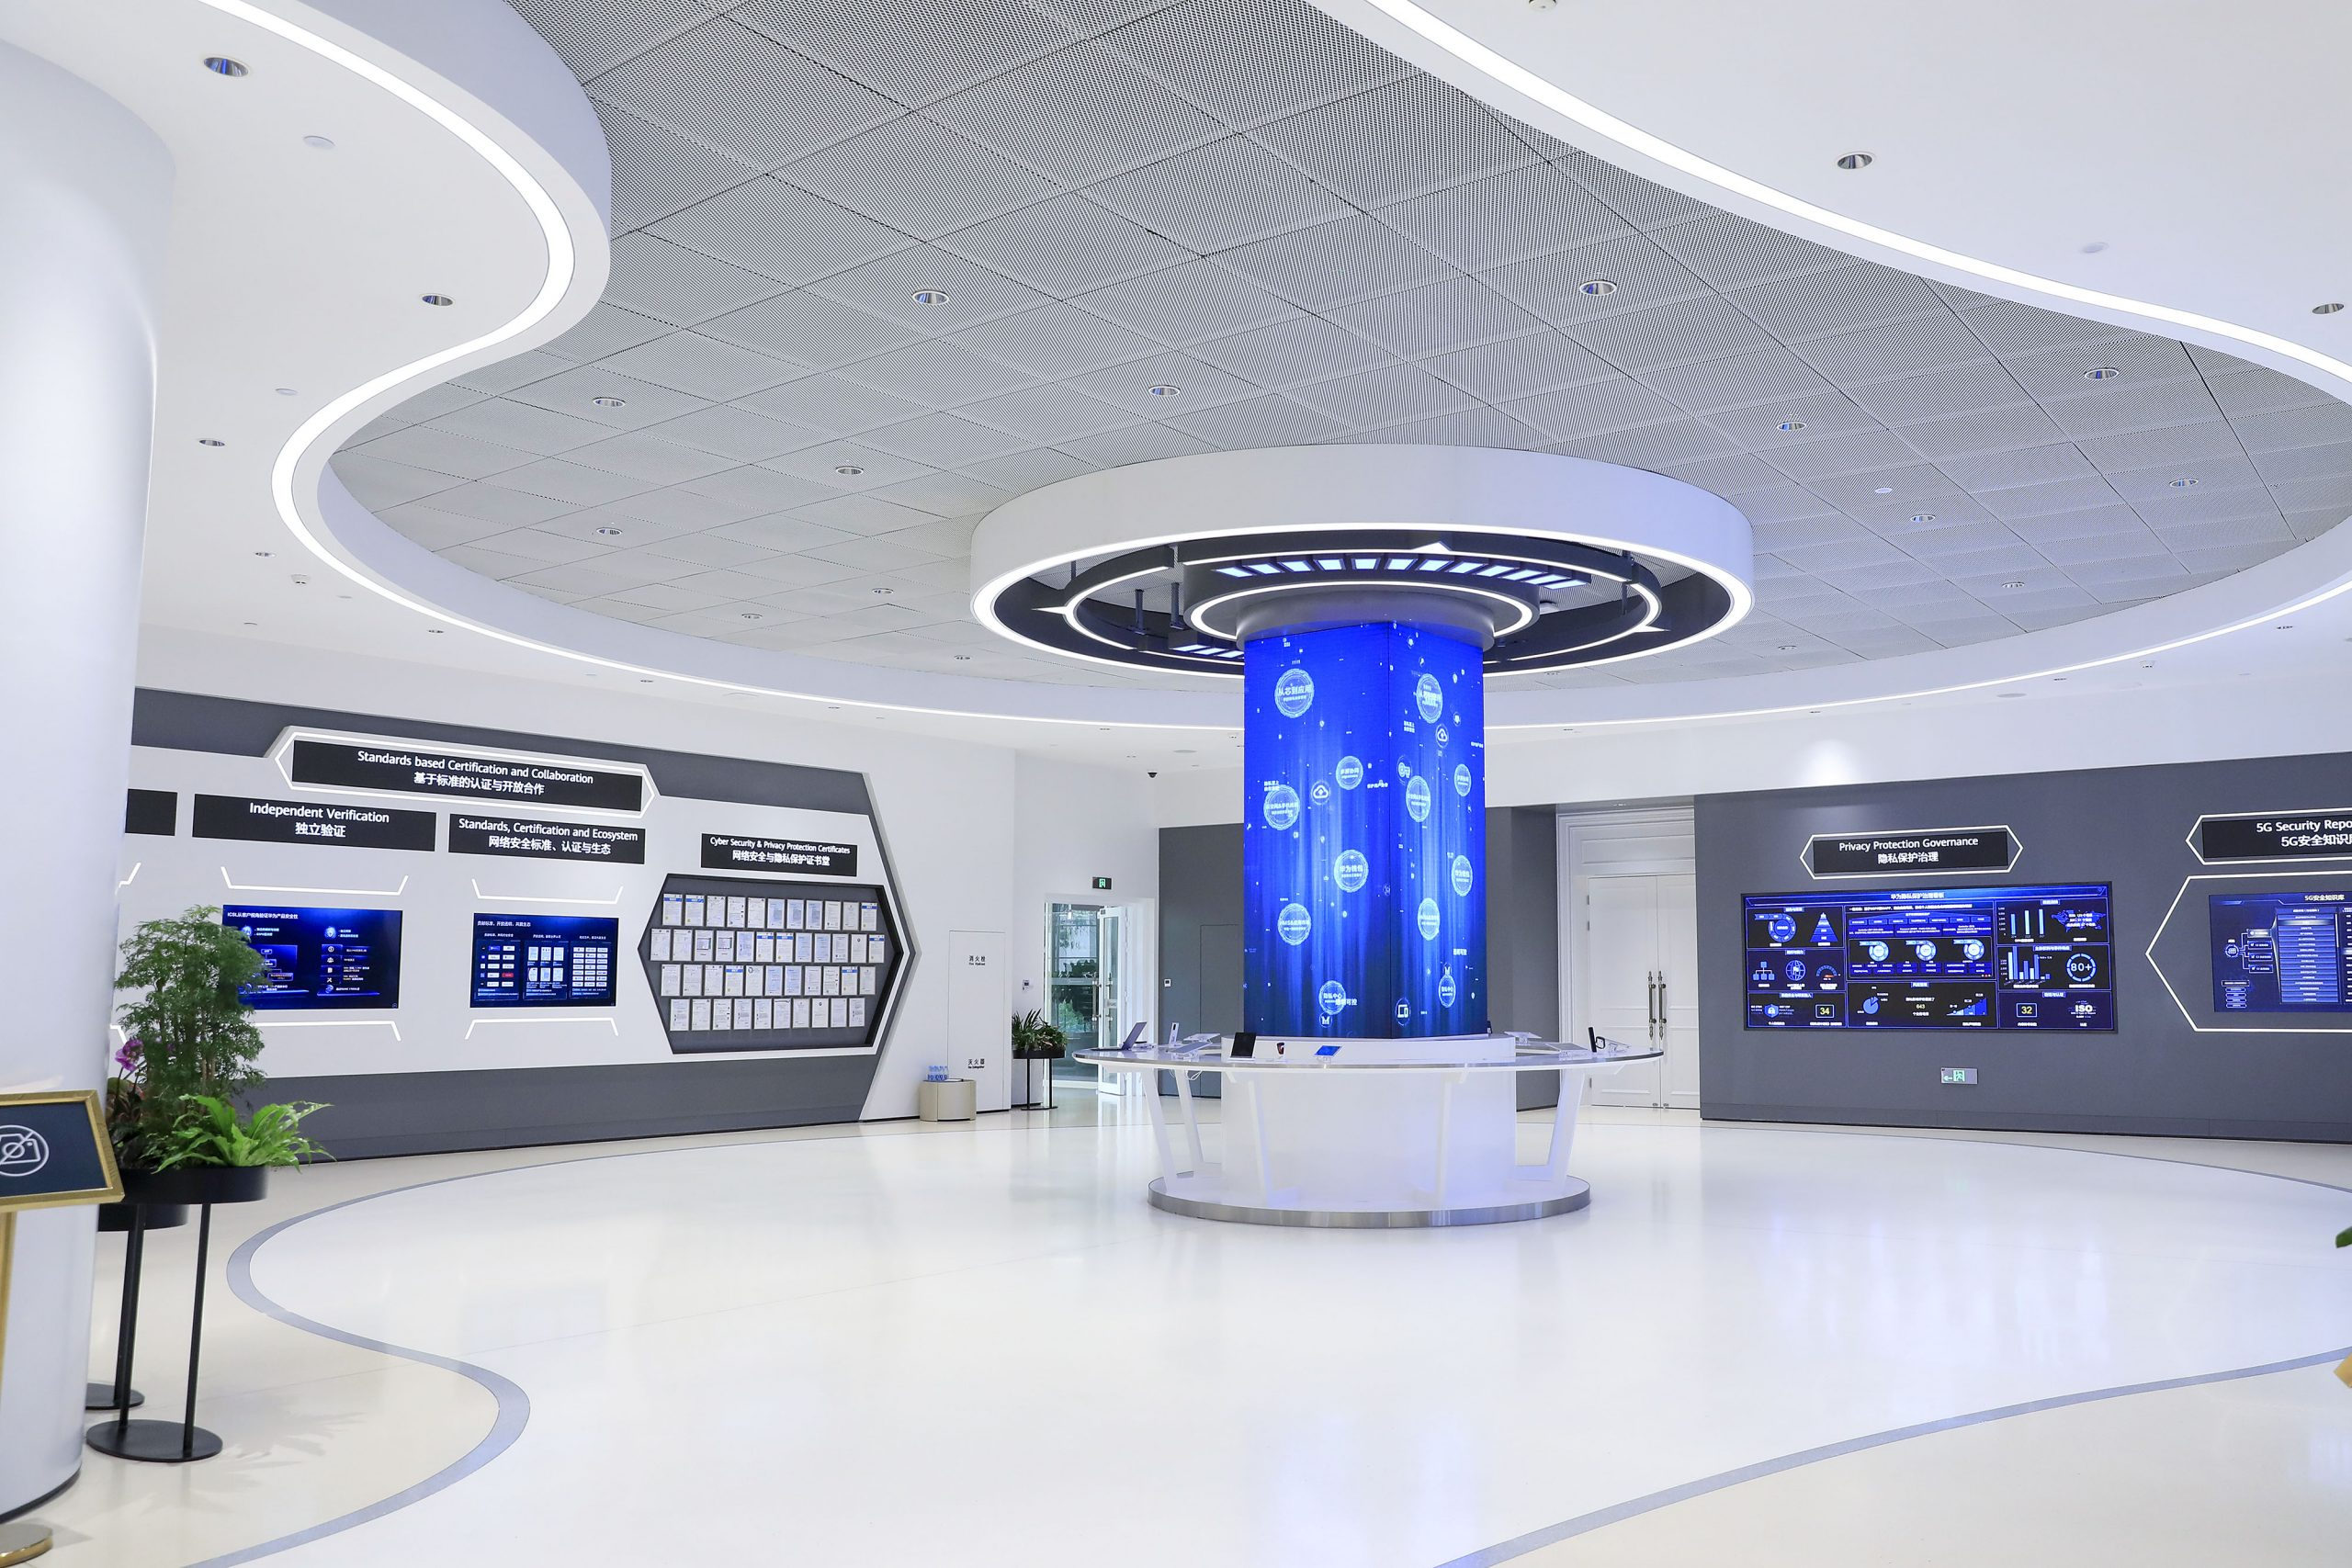 Huawei inaugura en China su Centro Global de Ciberseguridad y Transparencia de Protección de la Privacidad de mayor tamaño